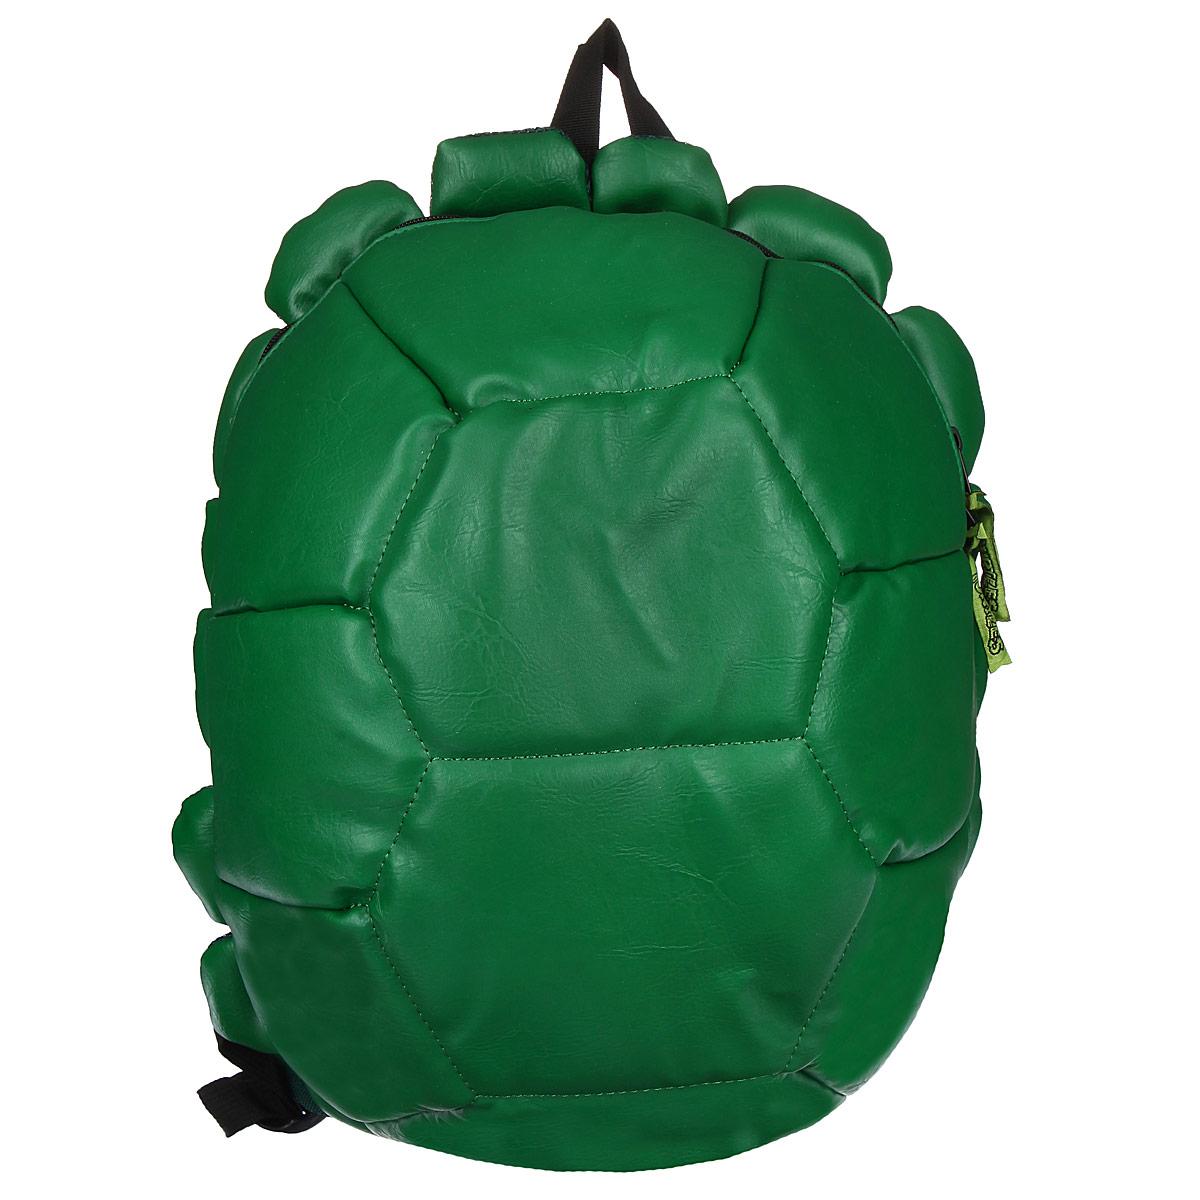 Рюкзак детский Teenage Mutant Ninja Turtles Черепашки Ниндзя непременно привлечет внимание вашего ребенка. Выполнен рюкзак из прочных материалов, зеленого цвета в виде панциря черепашки. В комплекте к рюкзаку прилагаются 4 повязки для глаз, чтобы быть похожими на героев мультфильма.Содержит одно вместительное отделение, закрывающееся на застежку-молнию с двумя бегунками. Внутри отделения находятся: три открытых кармана, три отделения для пишущих принадлежностей и кармашек на липучке для мобильного телефона.Конструкция спинки дополнена противоскользящей сеточкой и системой вентиляции для предотвращения запотевания спины ребенка. Широкие лямки позволяют легко и быстро отрегулировать рюкзак в соответствии с ростом. Рюкзак оснащен текстильной ручкой для переноски в руке. Ребенку обязательно понравится этот стильный аксессуар, который станет для него постоянным спутником.Рекомендуемый возраст: от 8 лет.